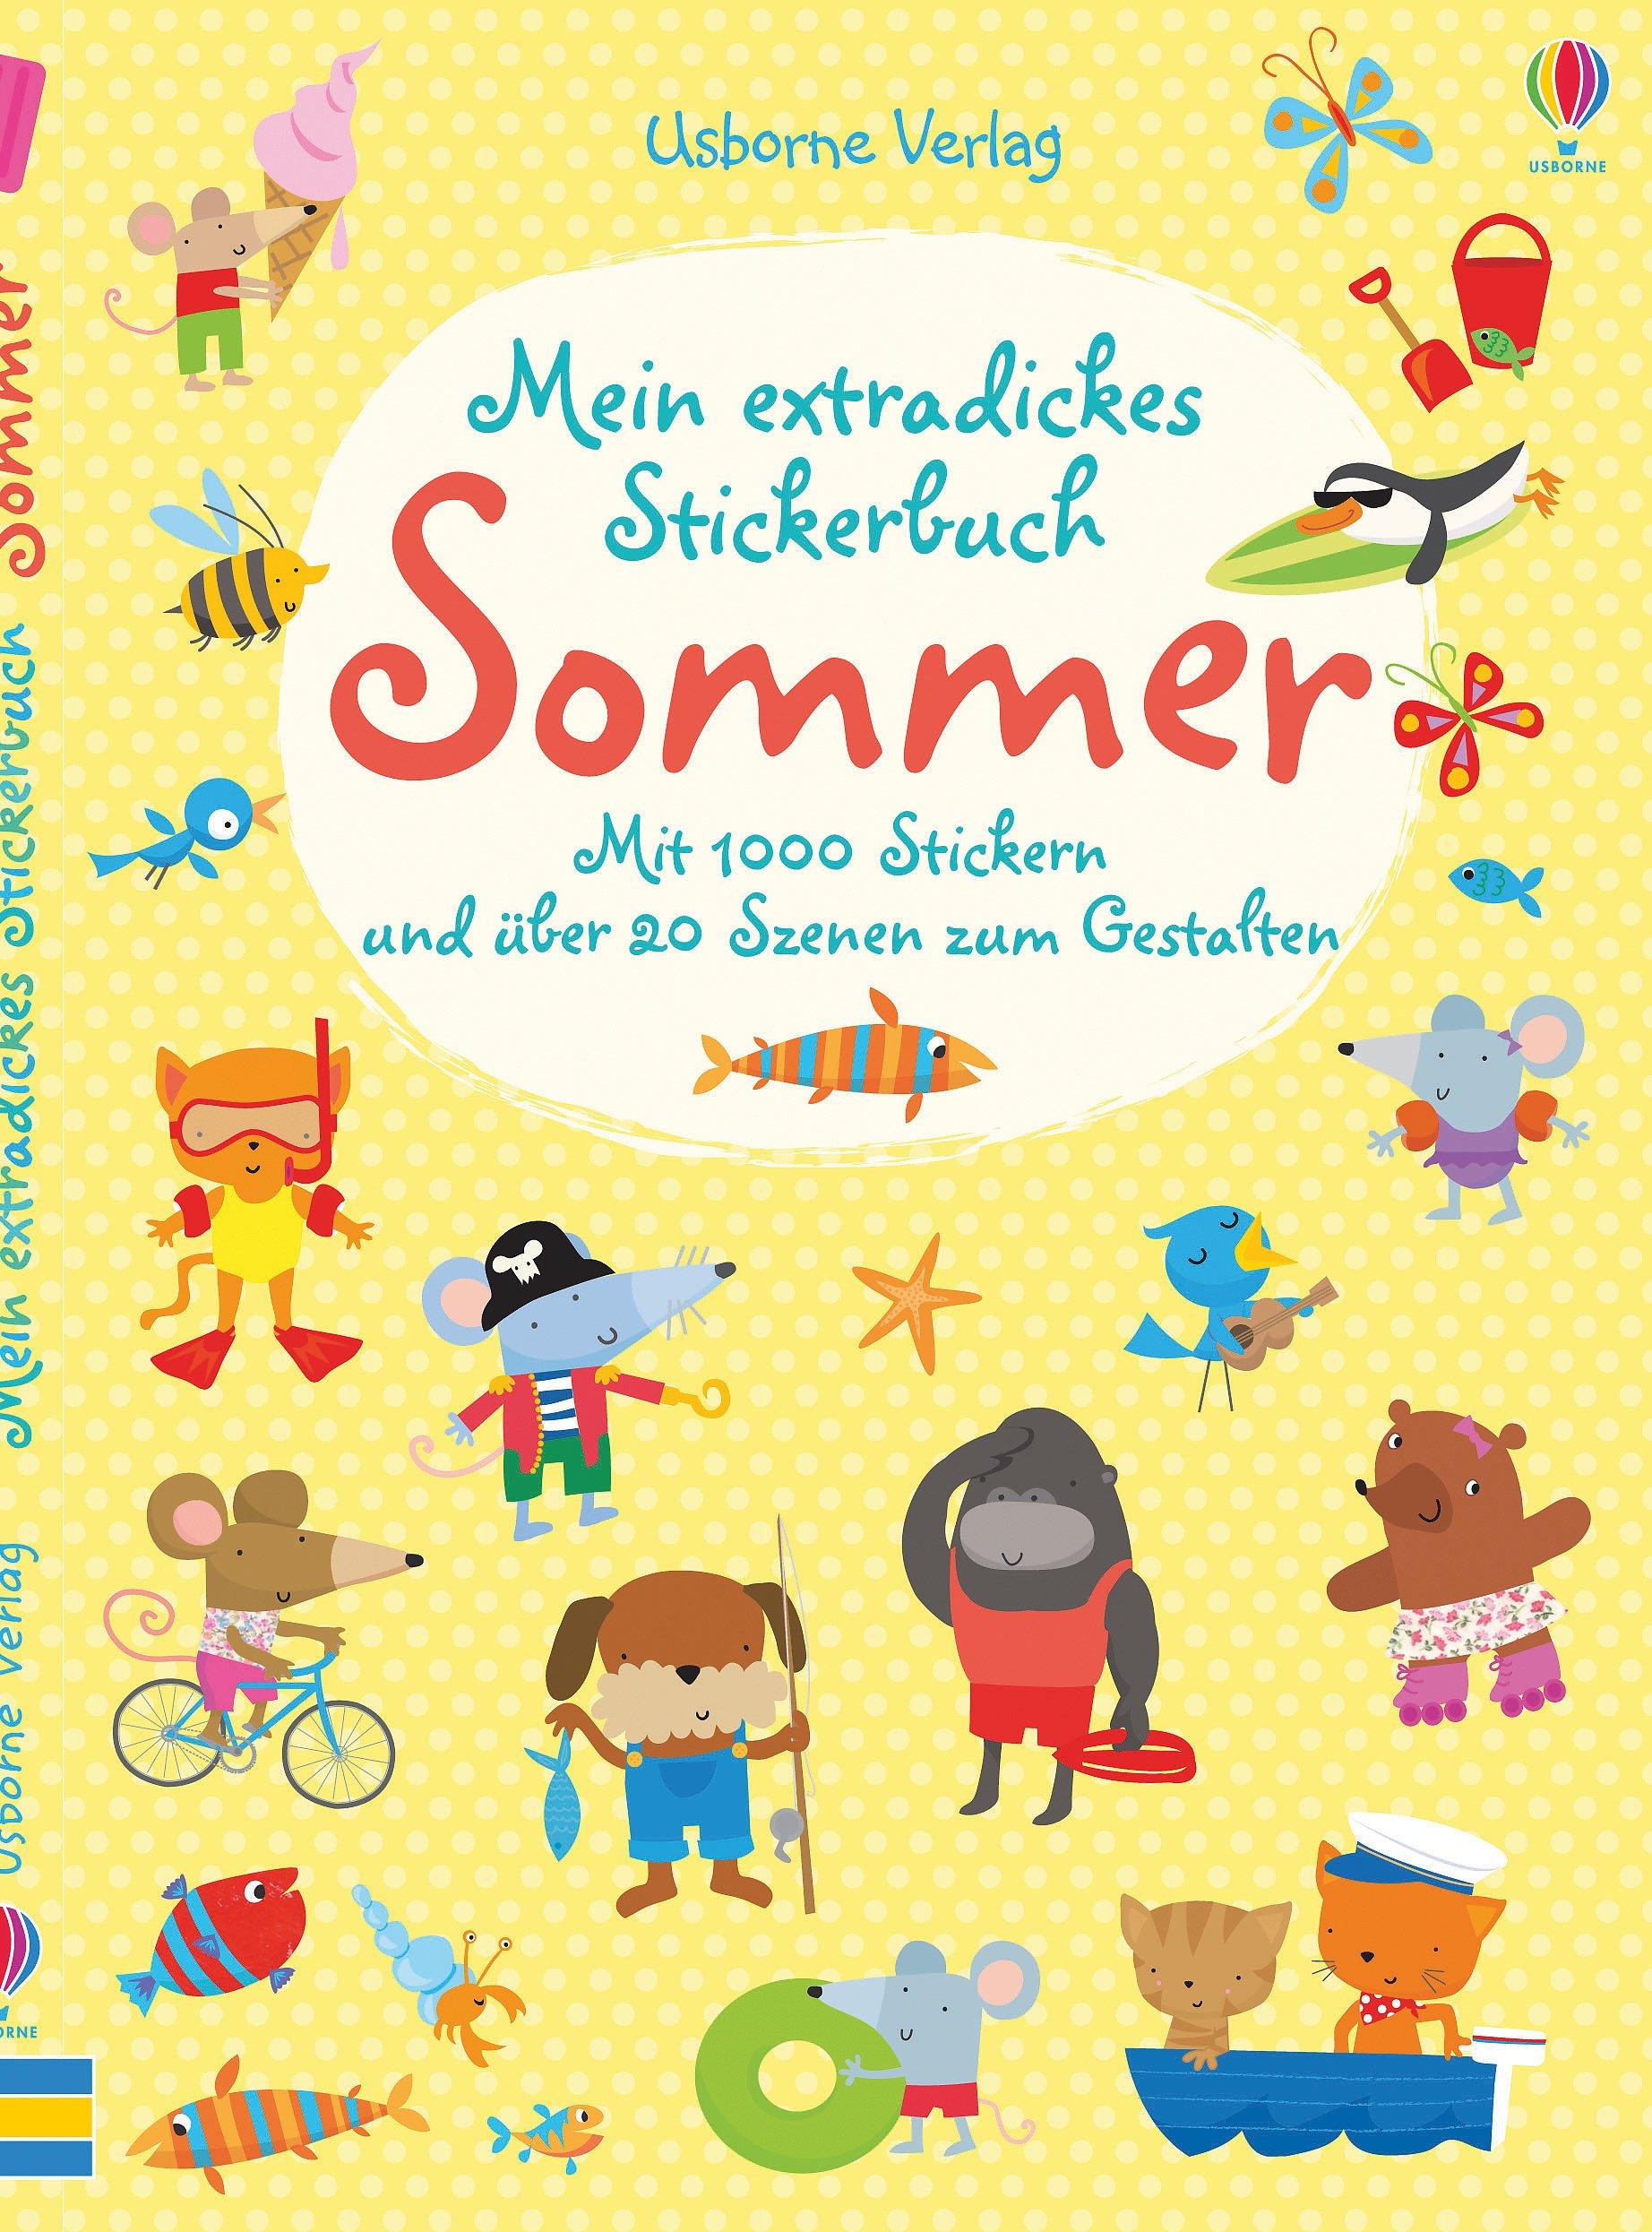 Mein extradickes Stickerbuch: Sommer: Mit 1000 Stickern und über 20 Szenen zum Gestalten